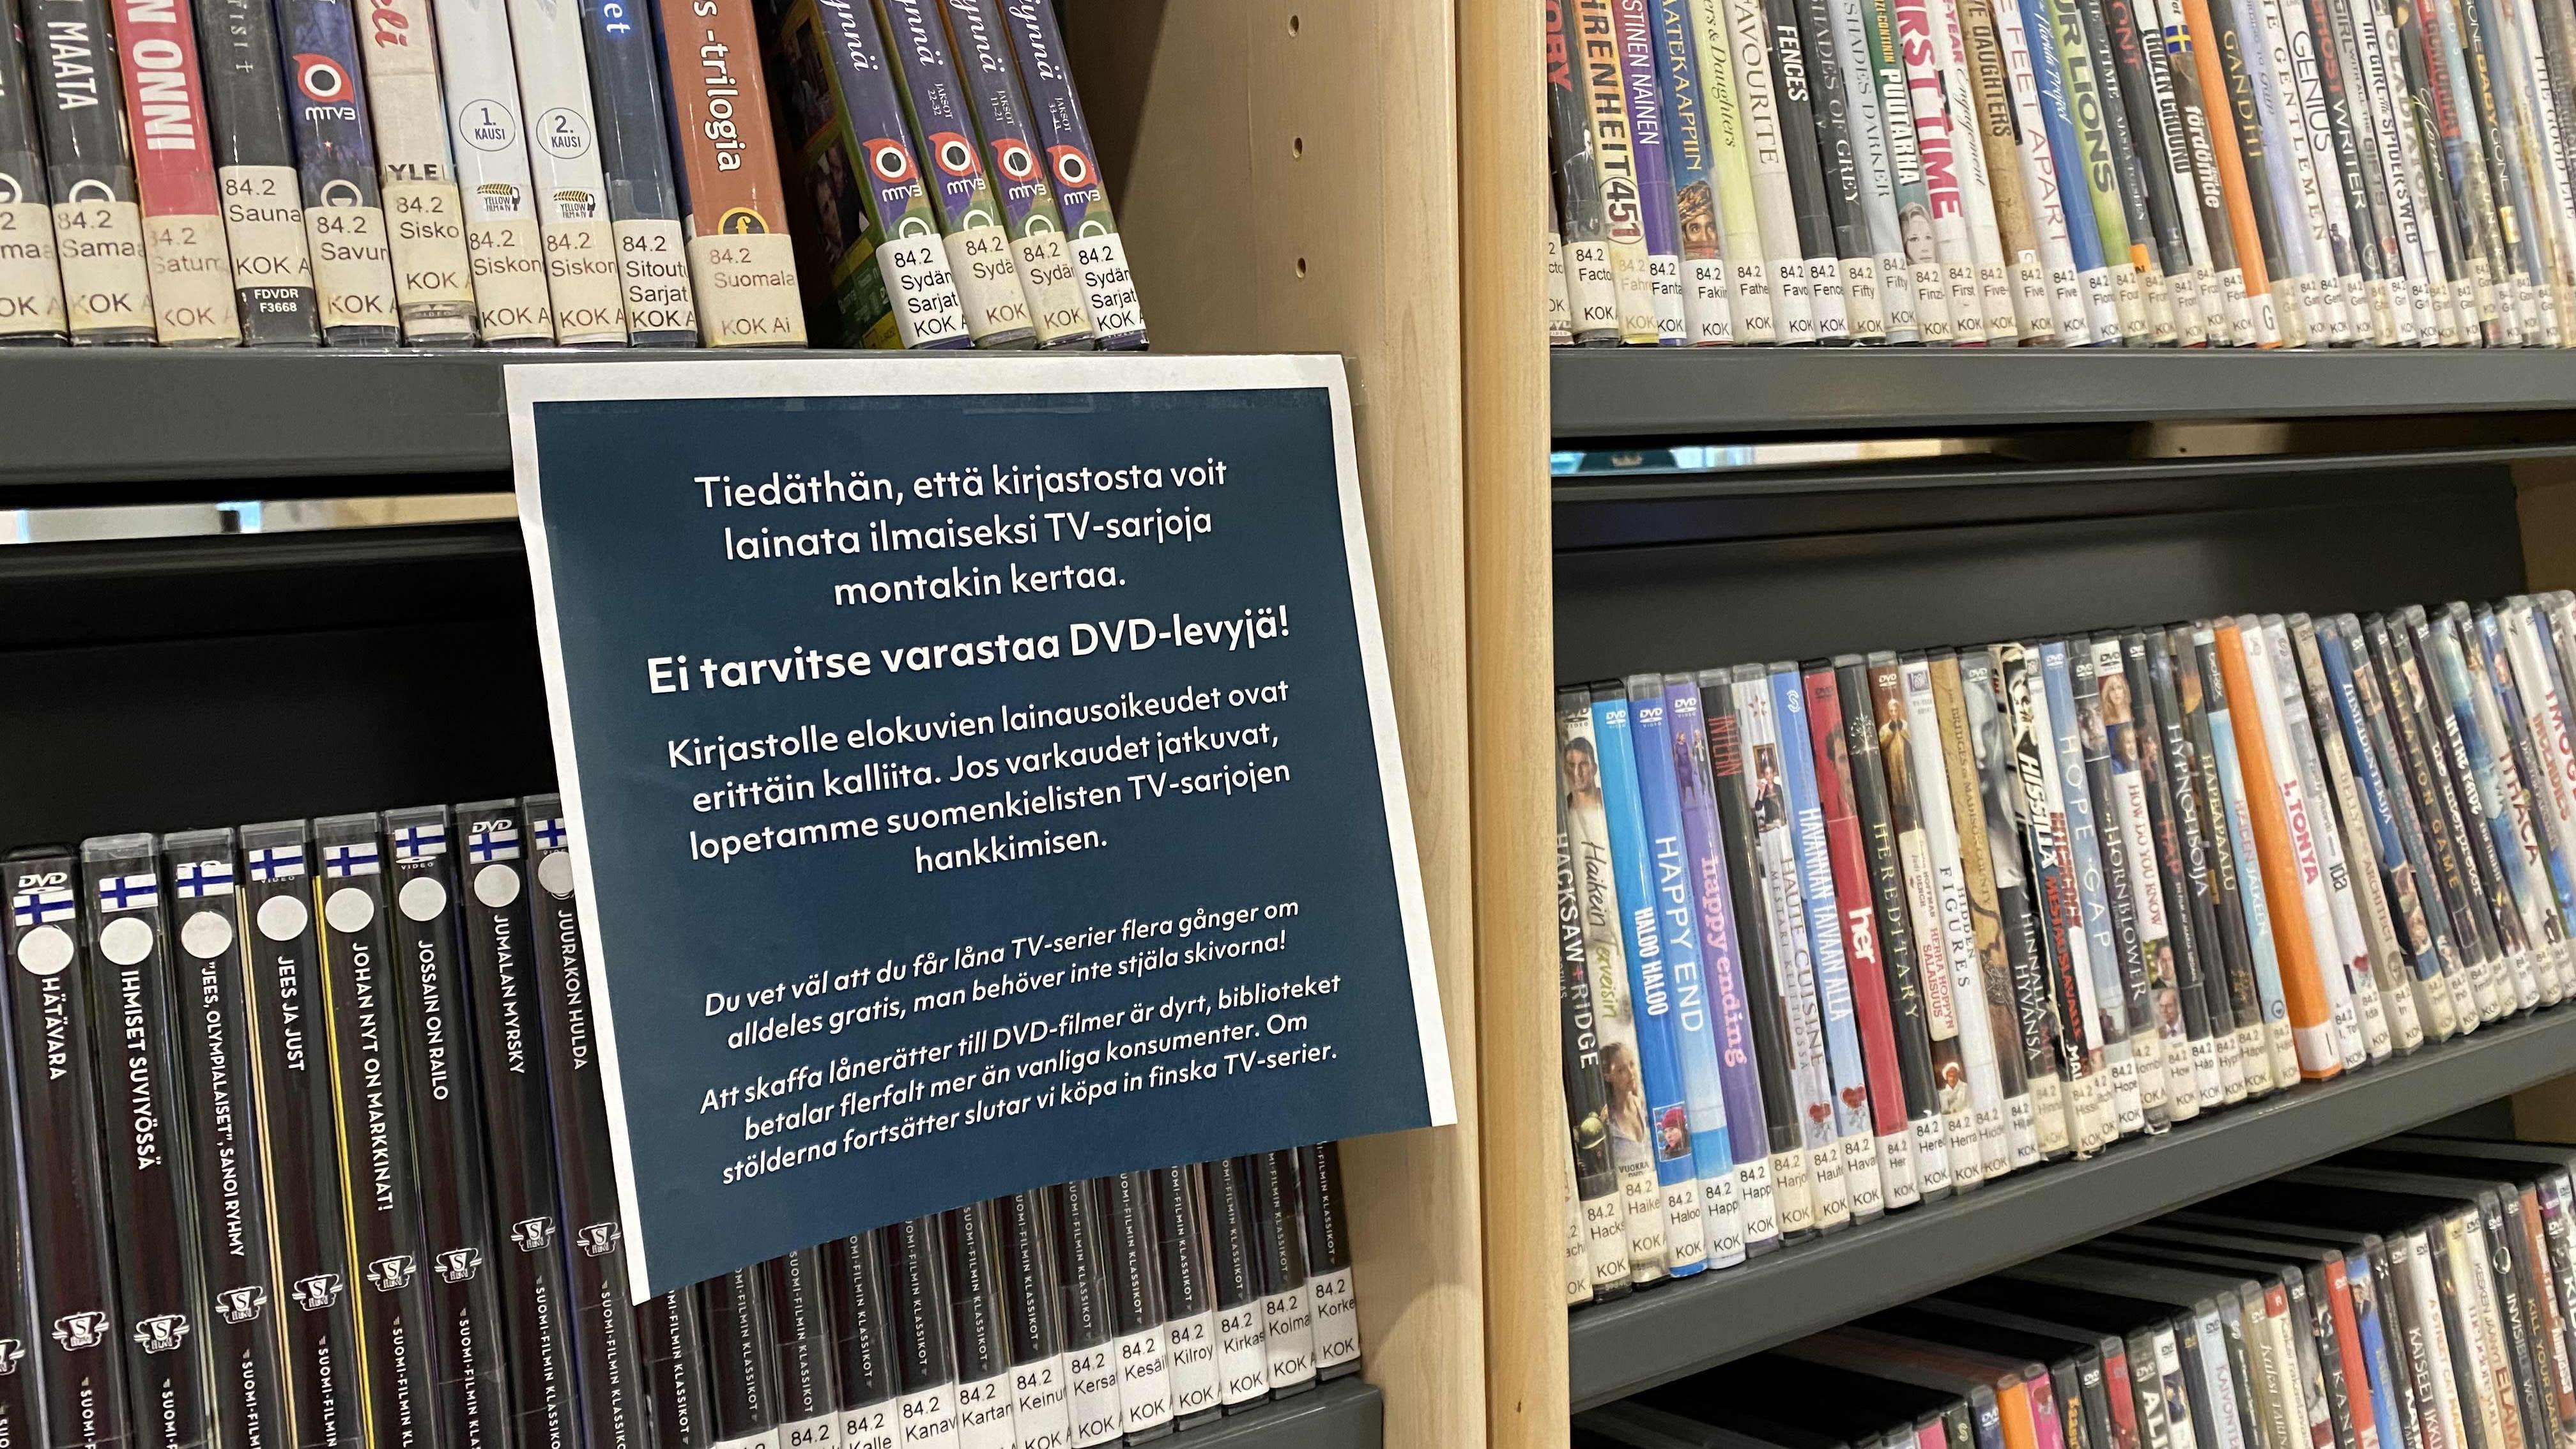 Kirjaston tiedote DVD-hyllyssä